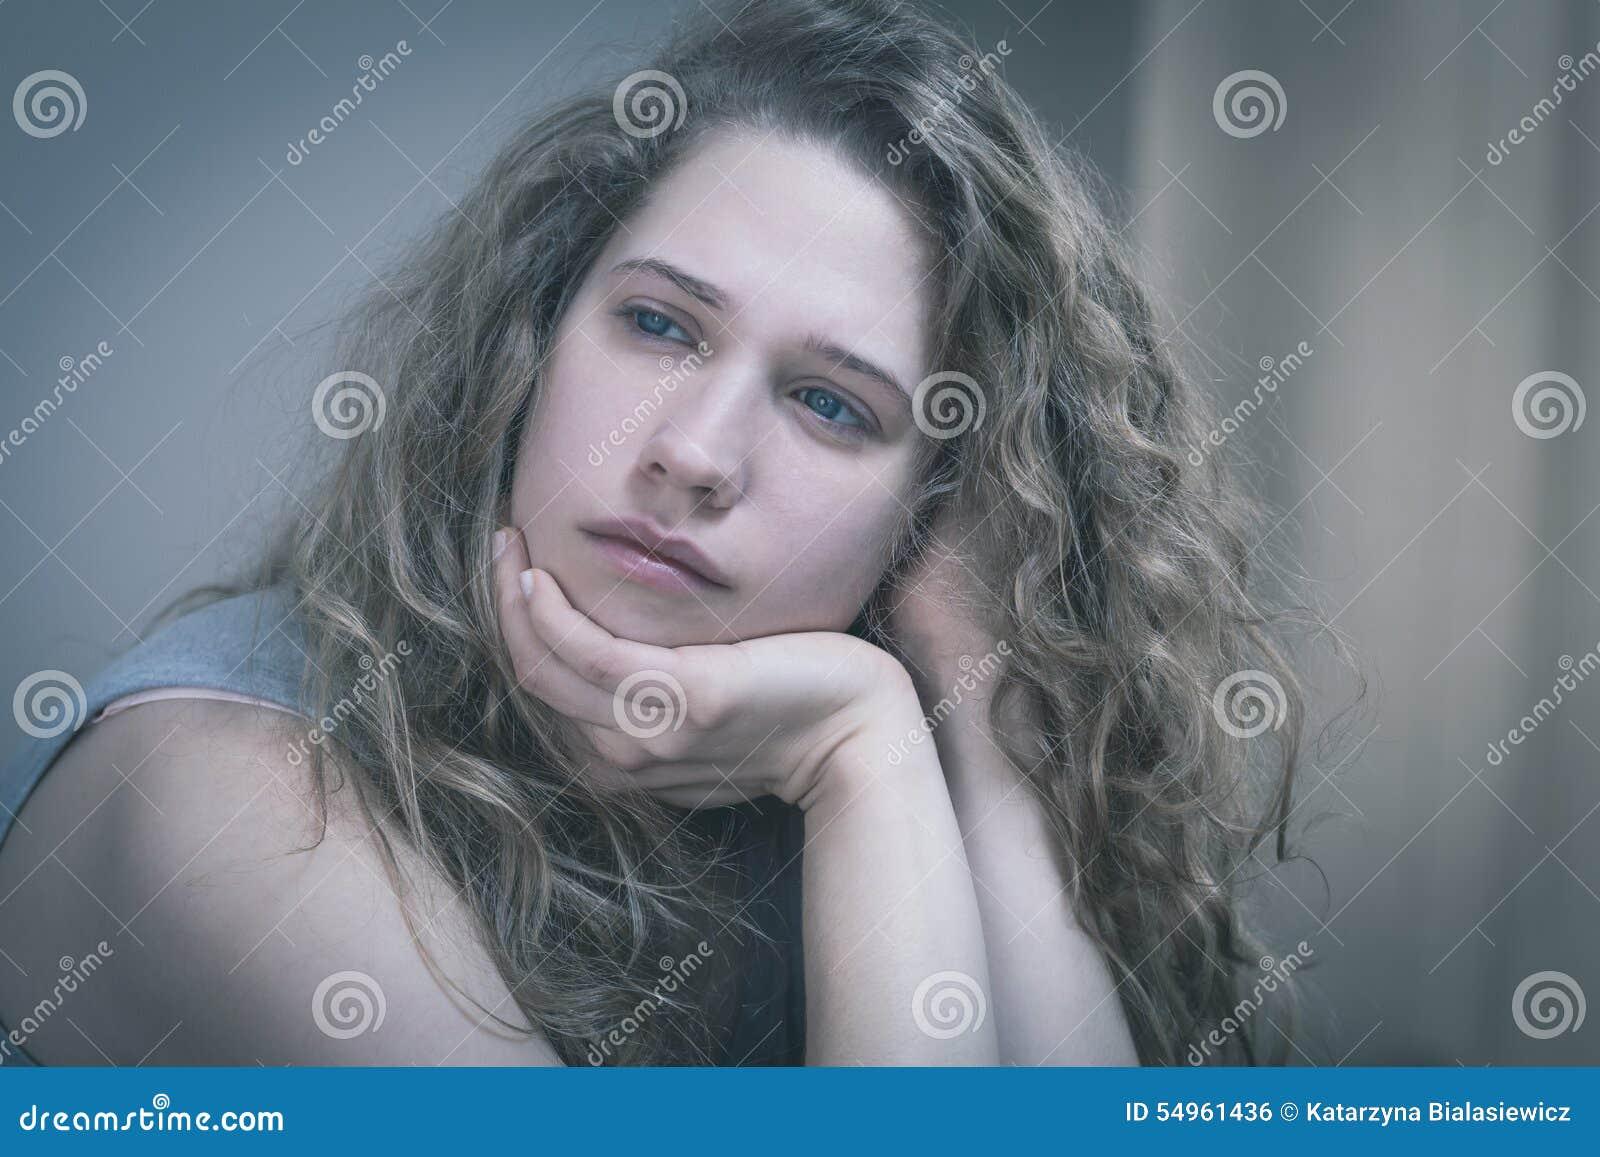 Rozdrażniona młoda kobieta